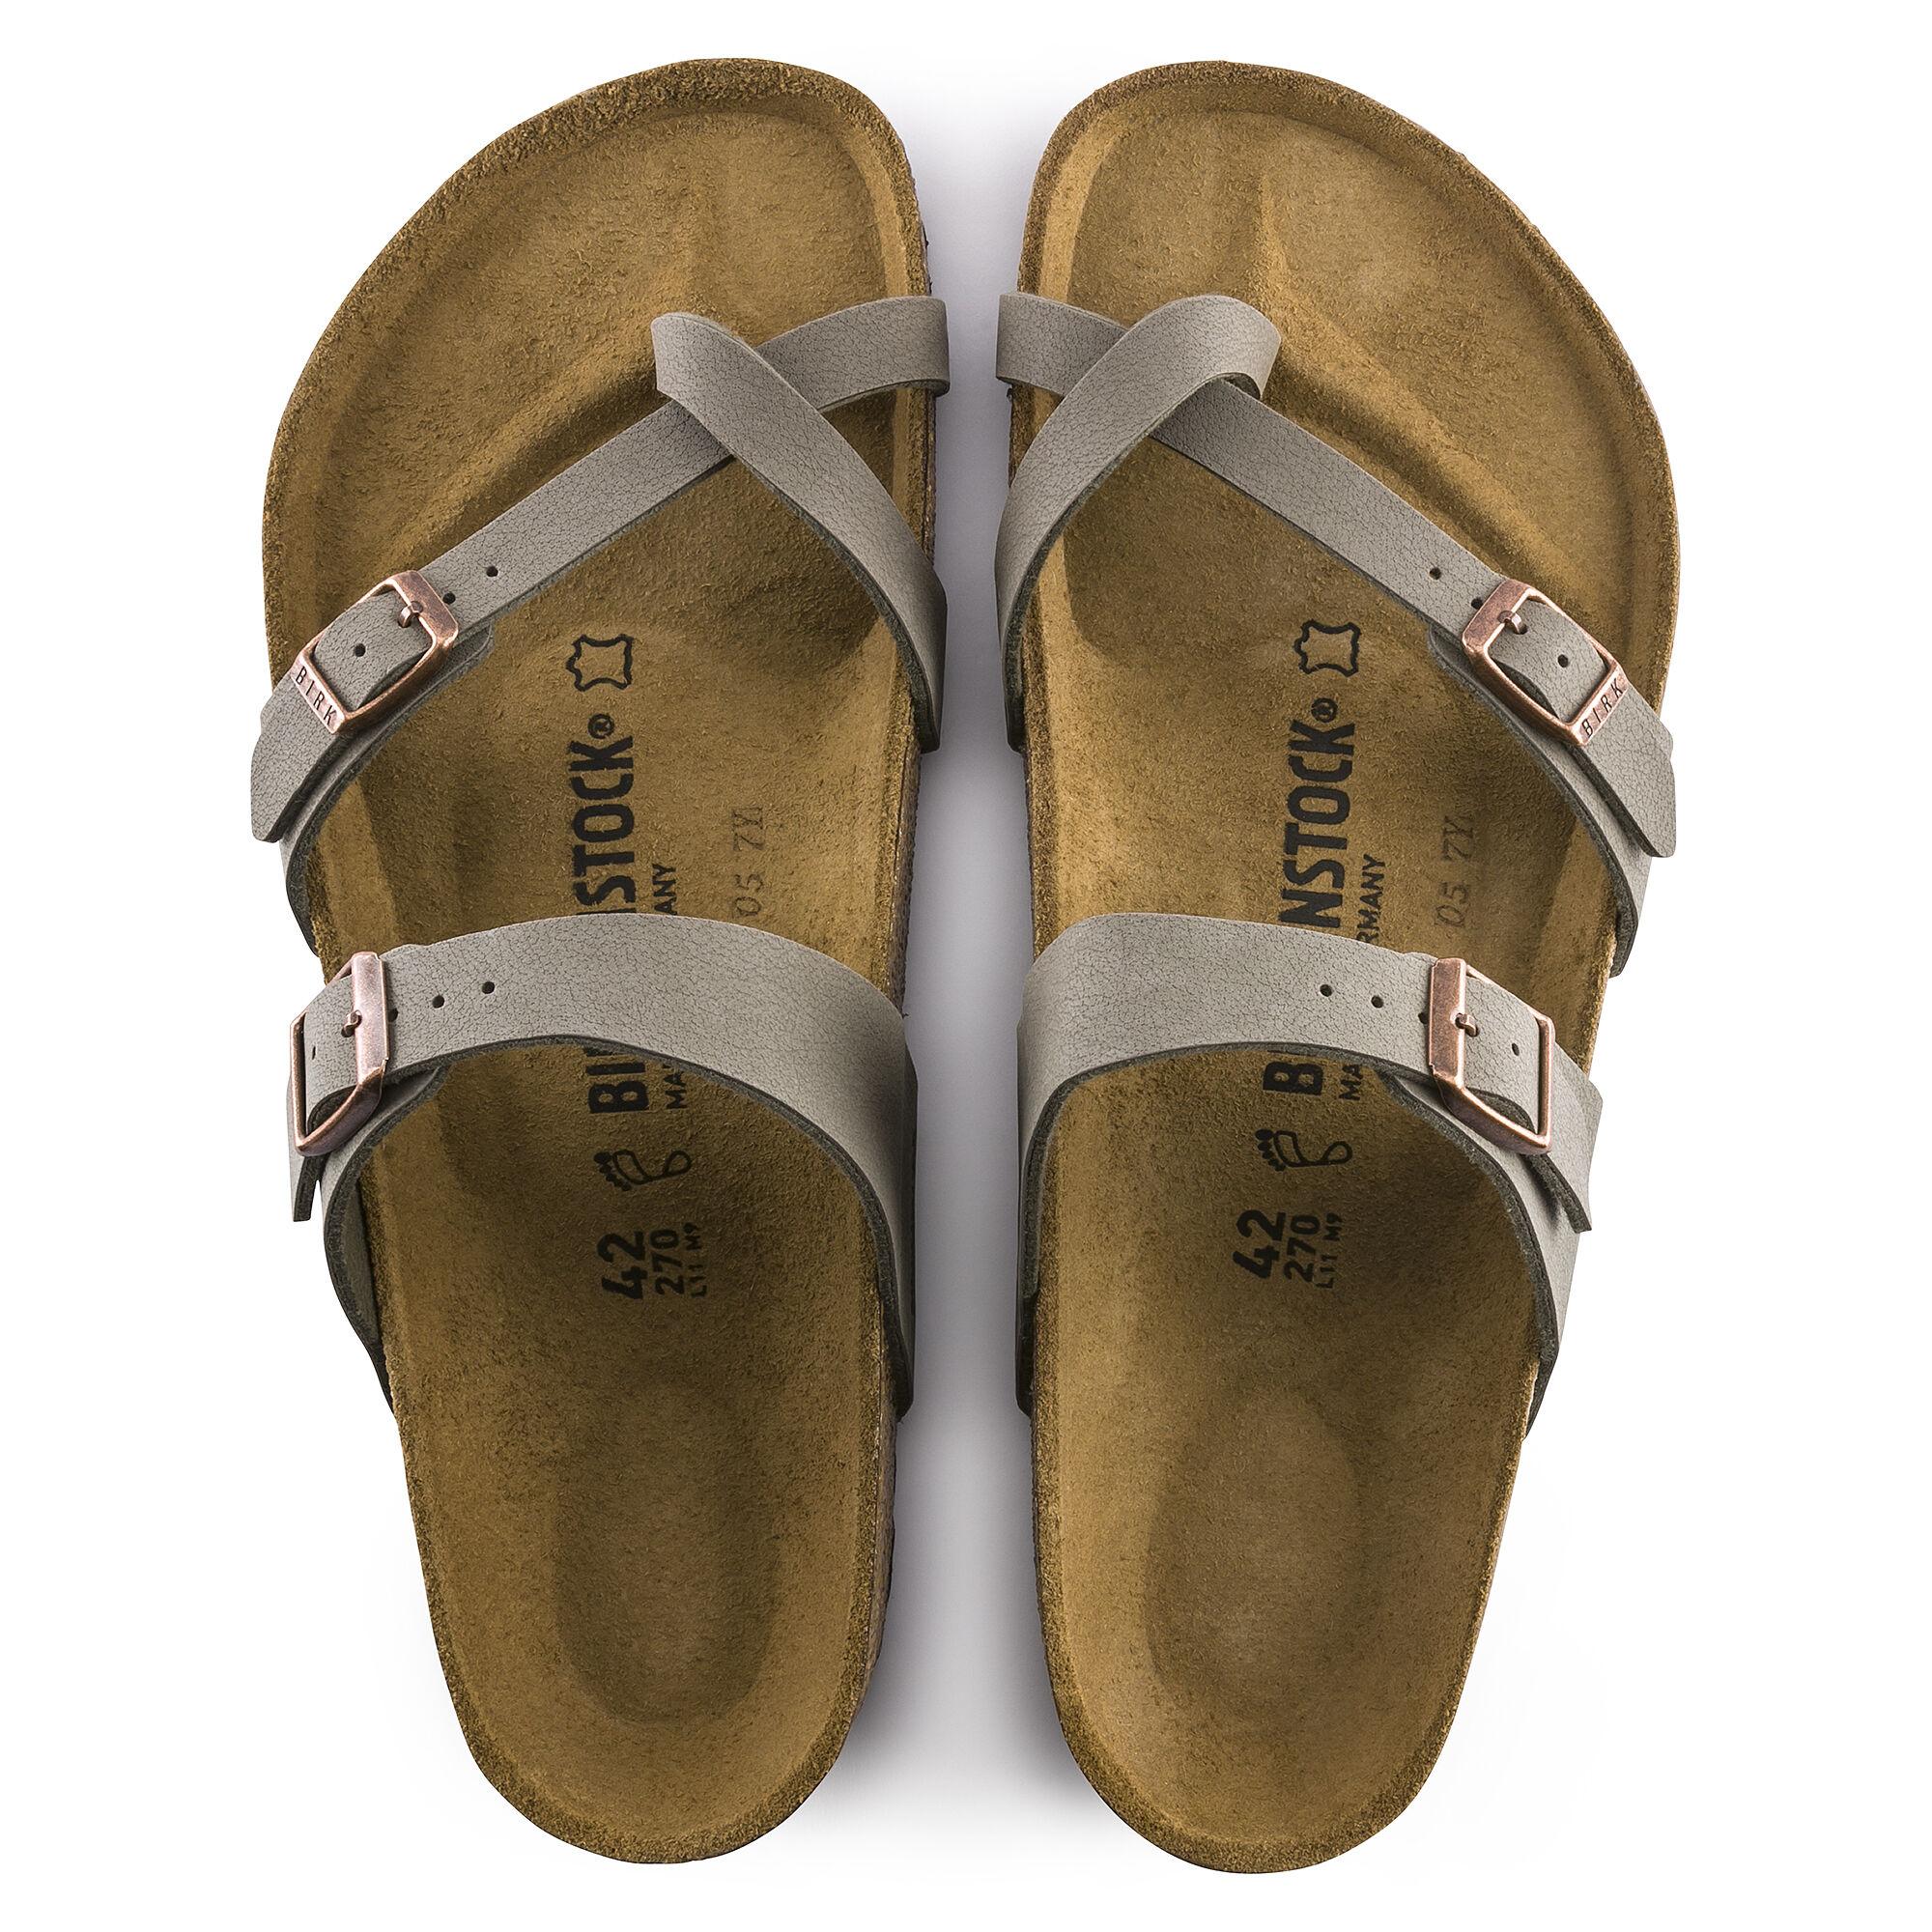 Great Deal on Women's Birkenstock Mayari Birko Flor Sandals